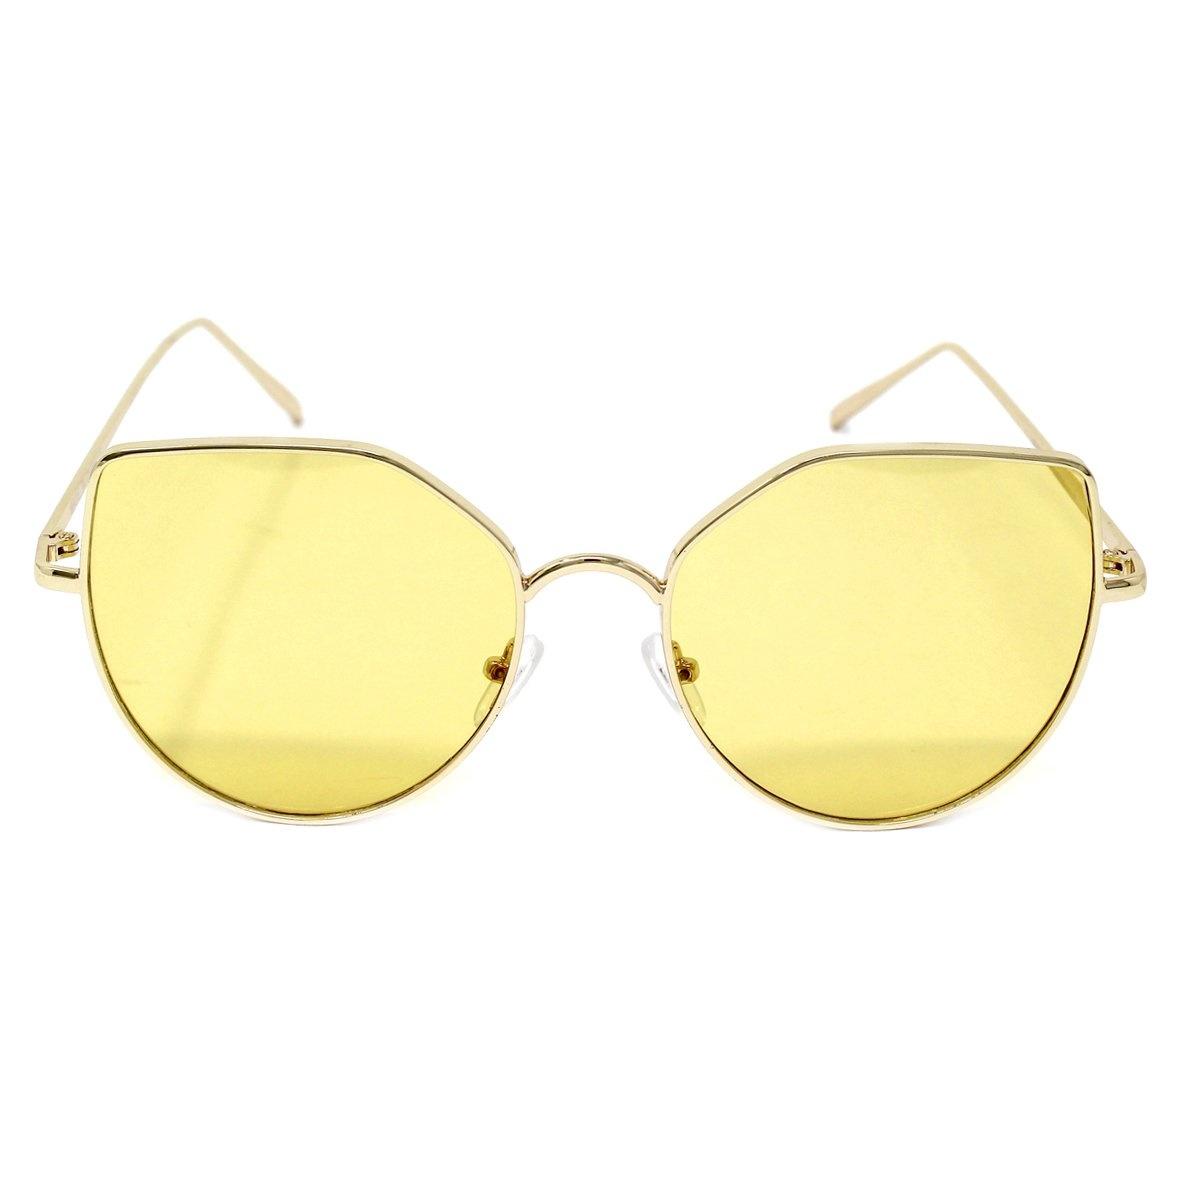 Sooley Designs Sun Glasses